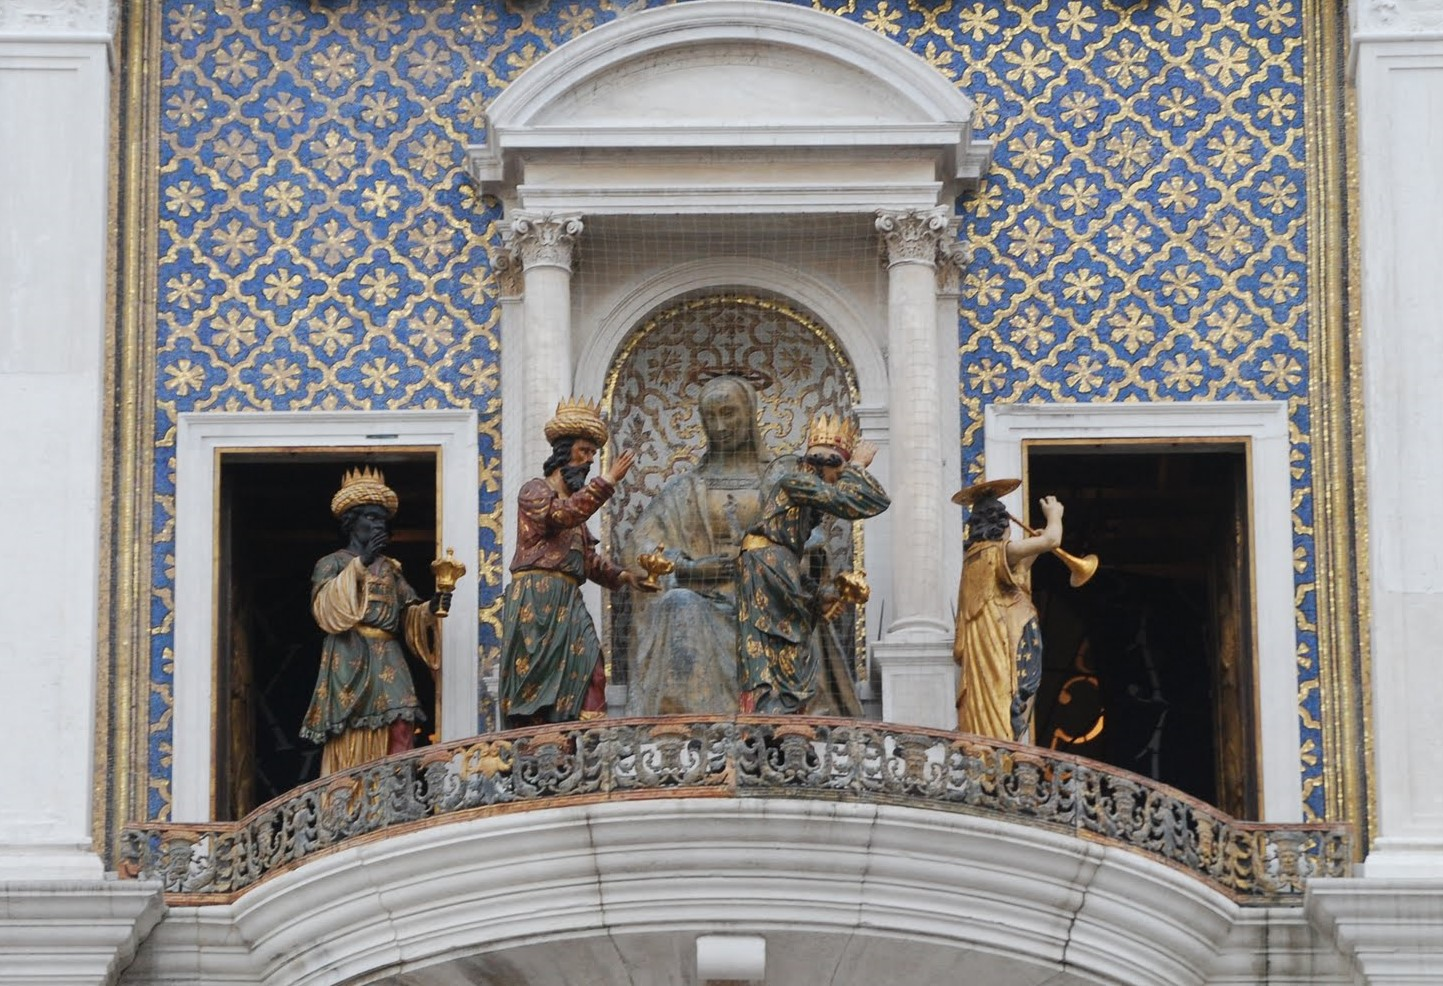 Venise Tour de l'Horloge, Les Mages